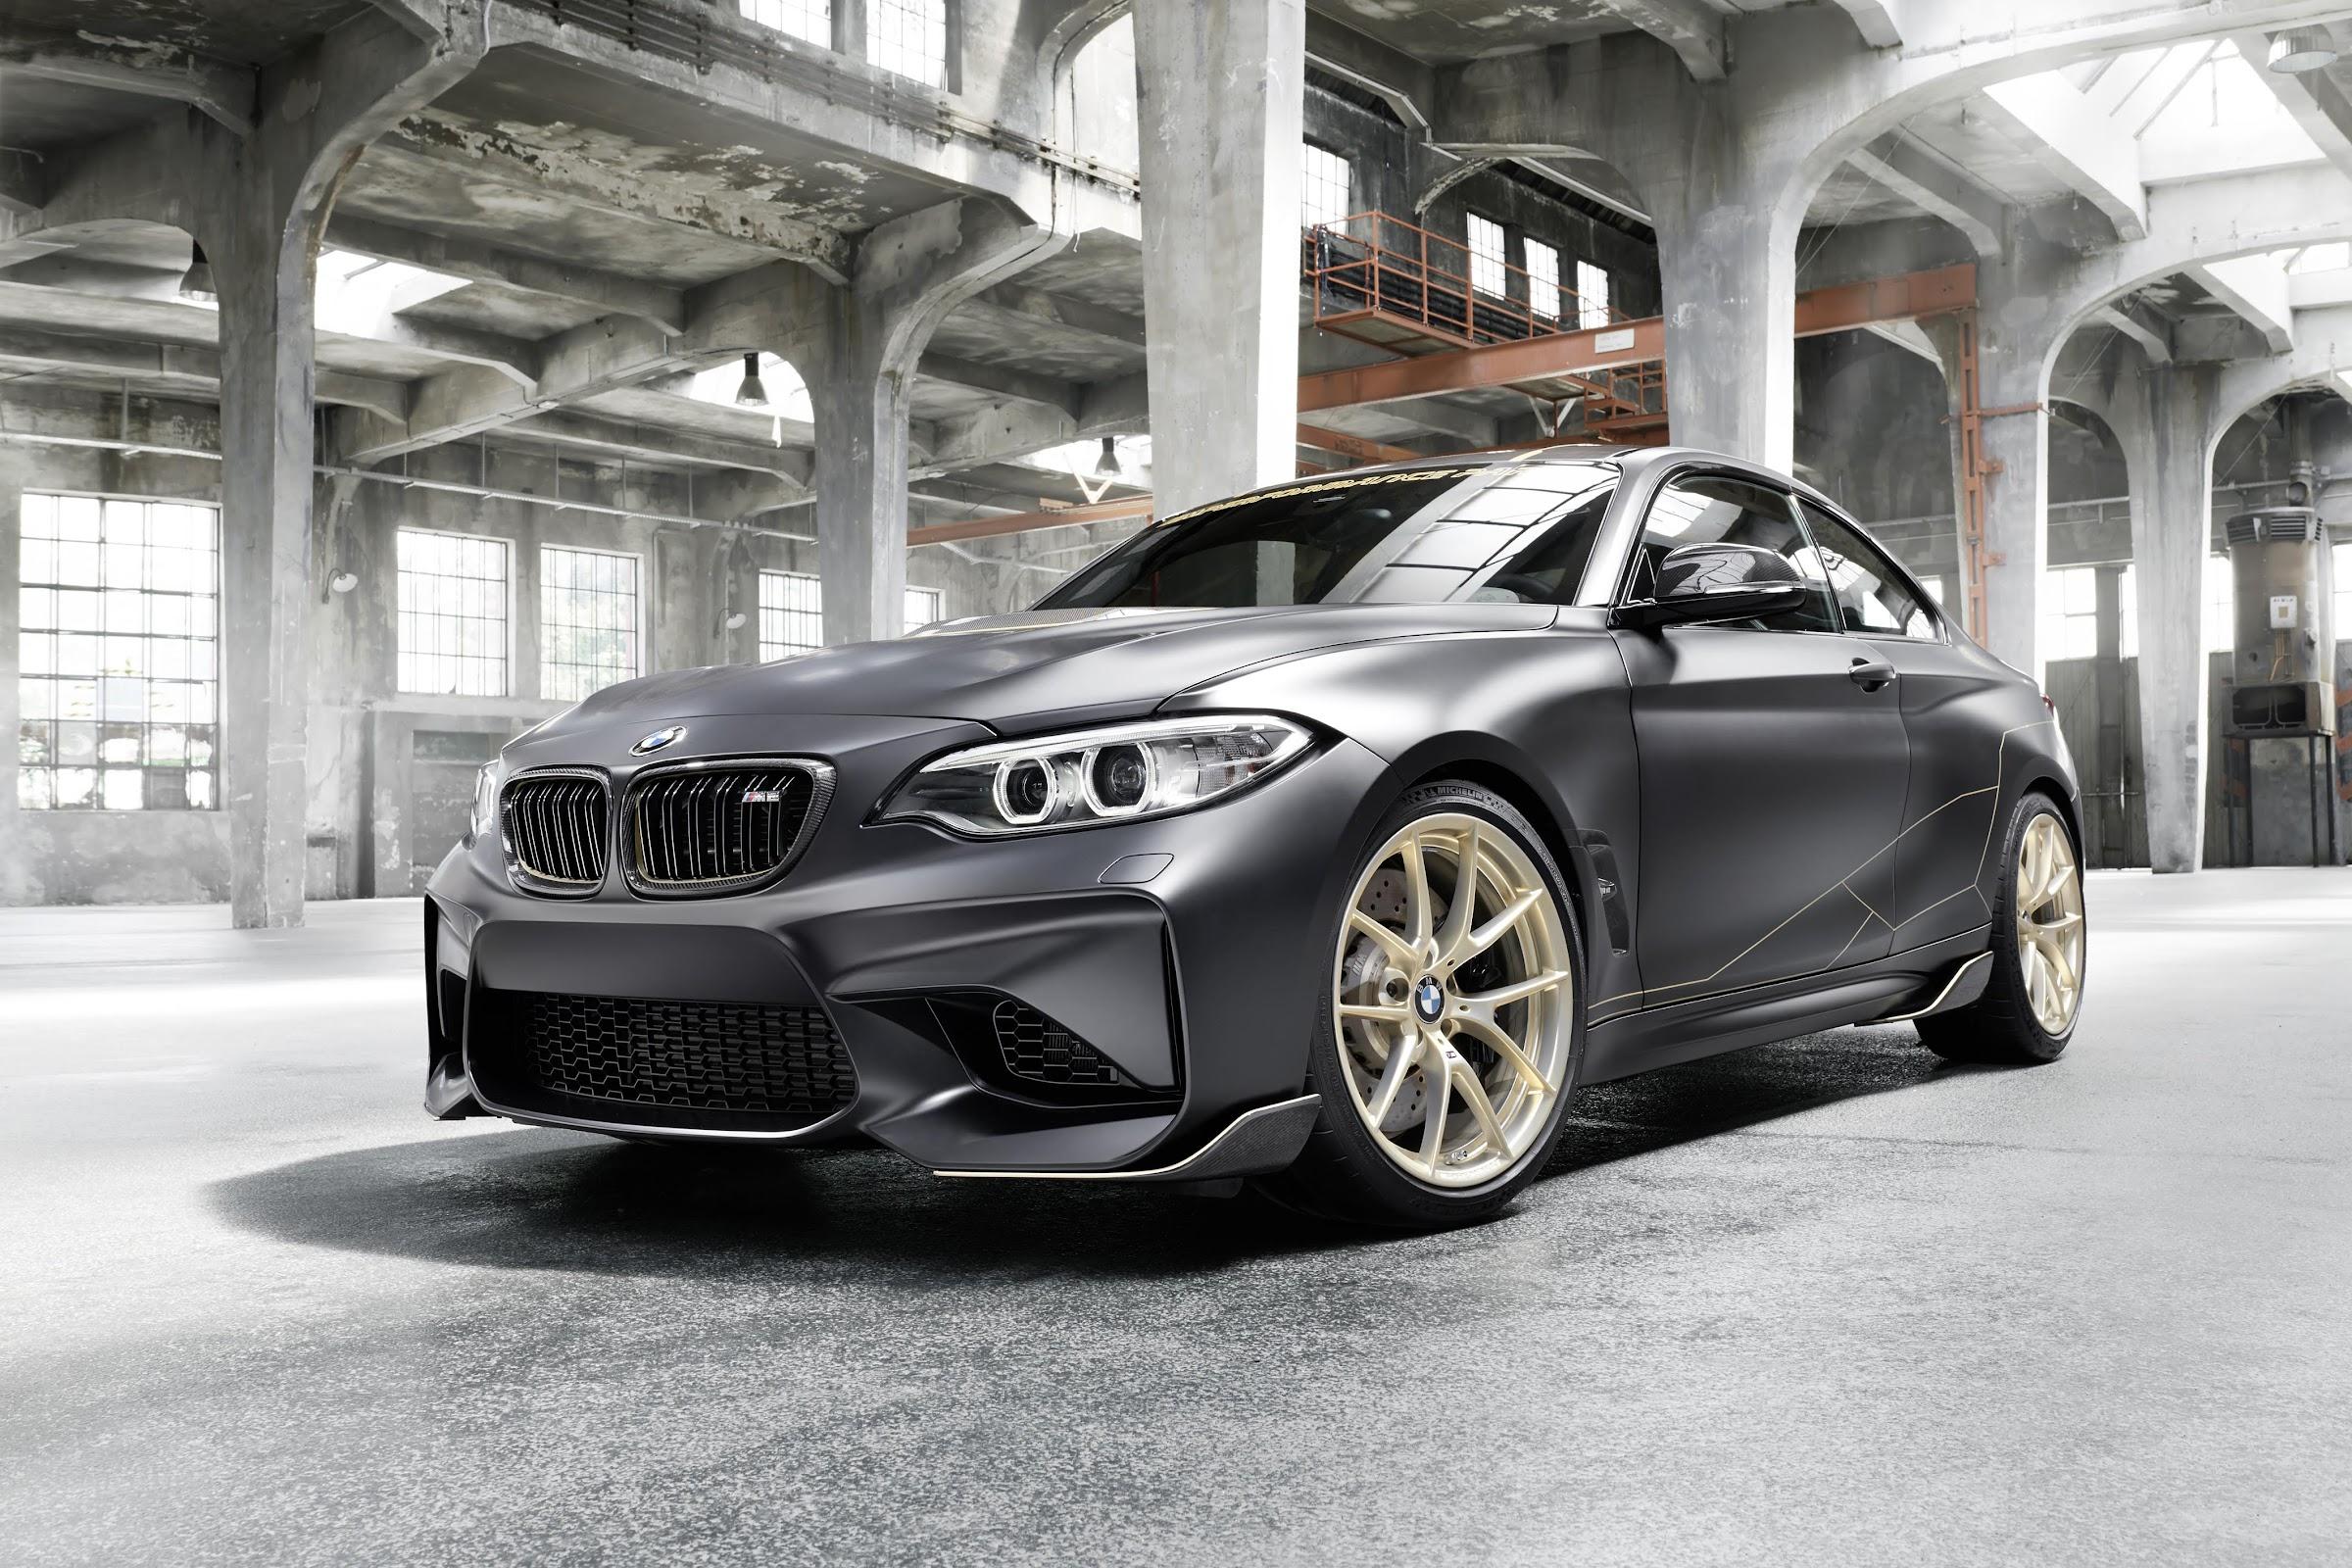 5gsYT9Vowj9OU2scYQxFBmYoVv3e1zretCL59vmPhlwQ4Nv7LuRlfiaZK8AQZhDuVo3N6eLYGsaJQL8XXXpz67cZBmO radcdxPmSWRtUowejFGWKA z8l ASLIM j6g04Mih80Giw=w2400 - Nuevo BMW M Performance Parts Concept